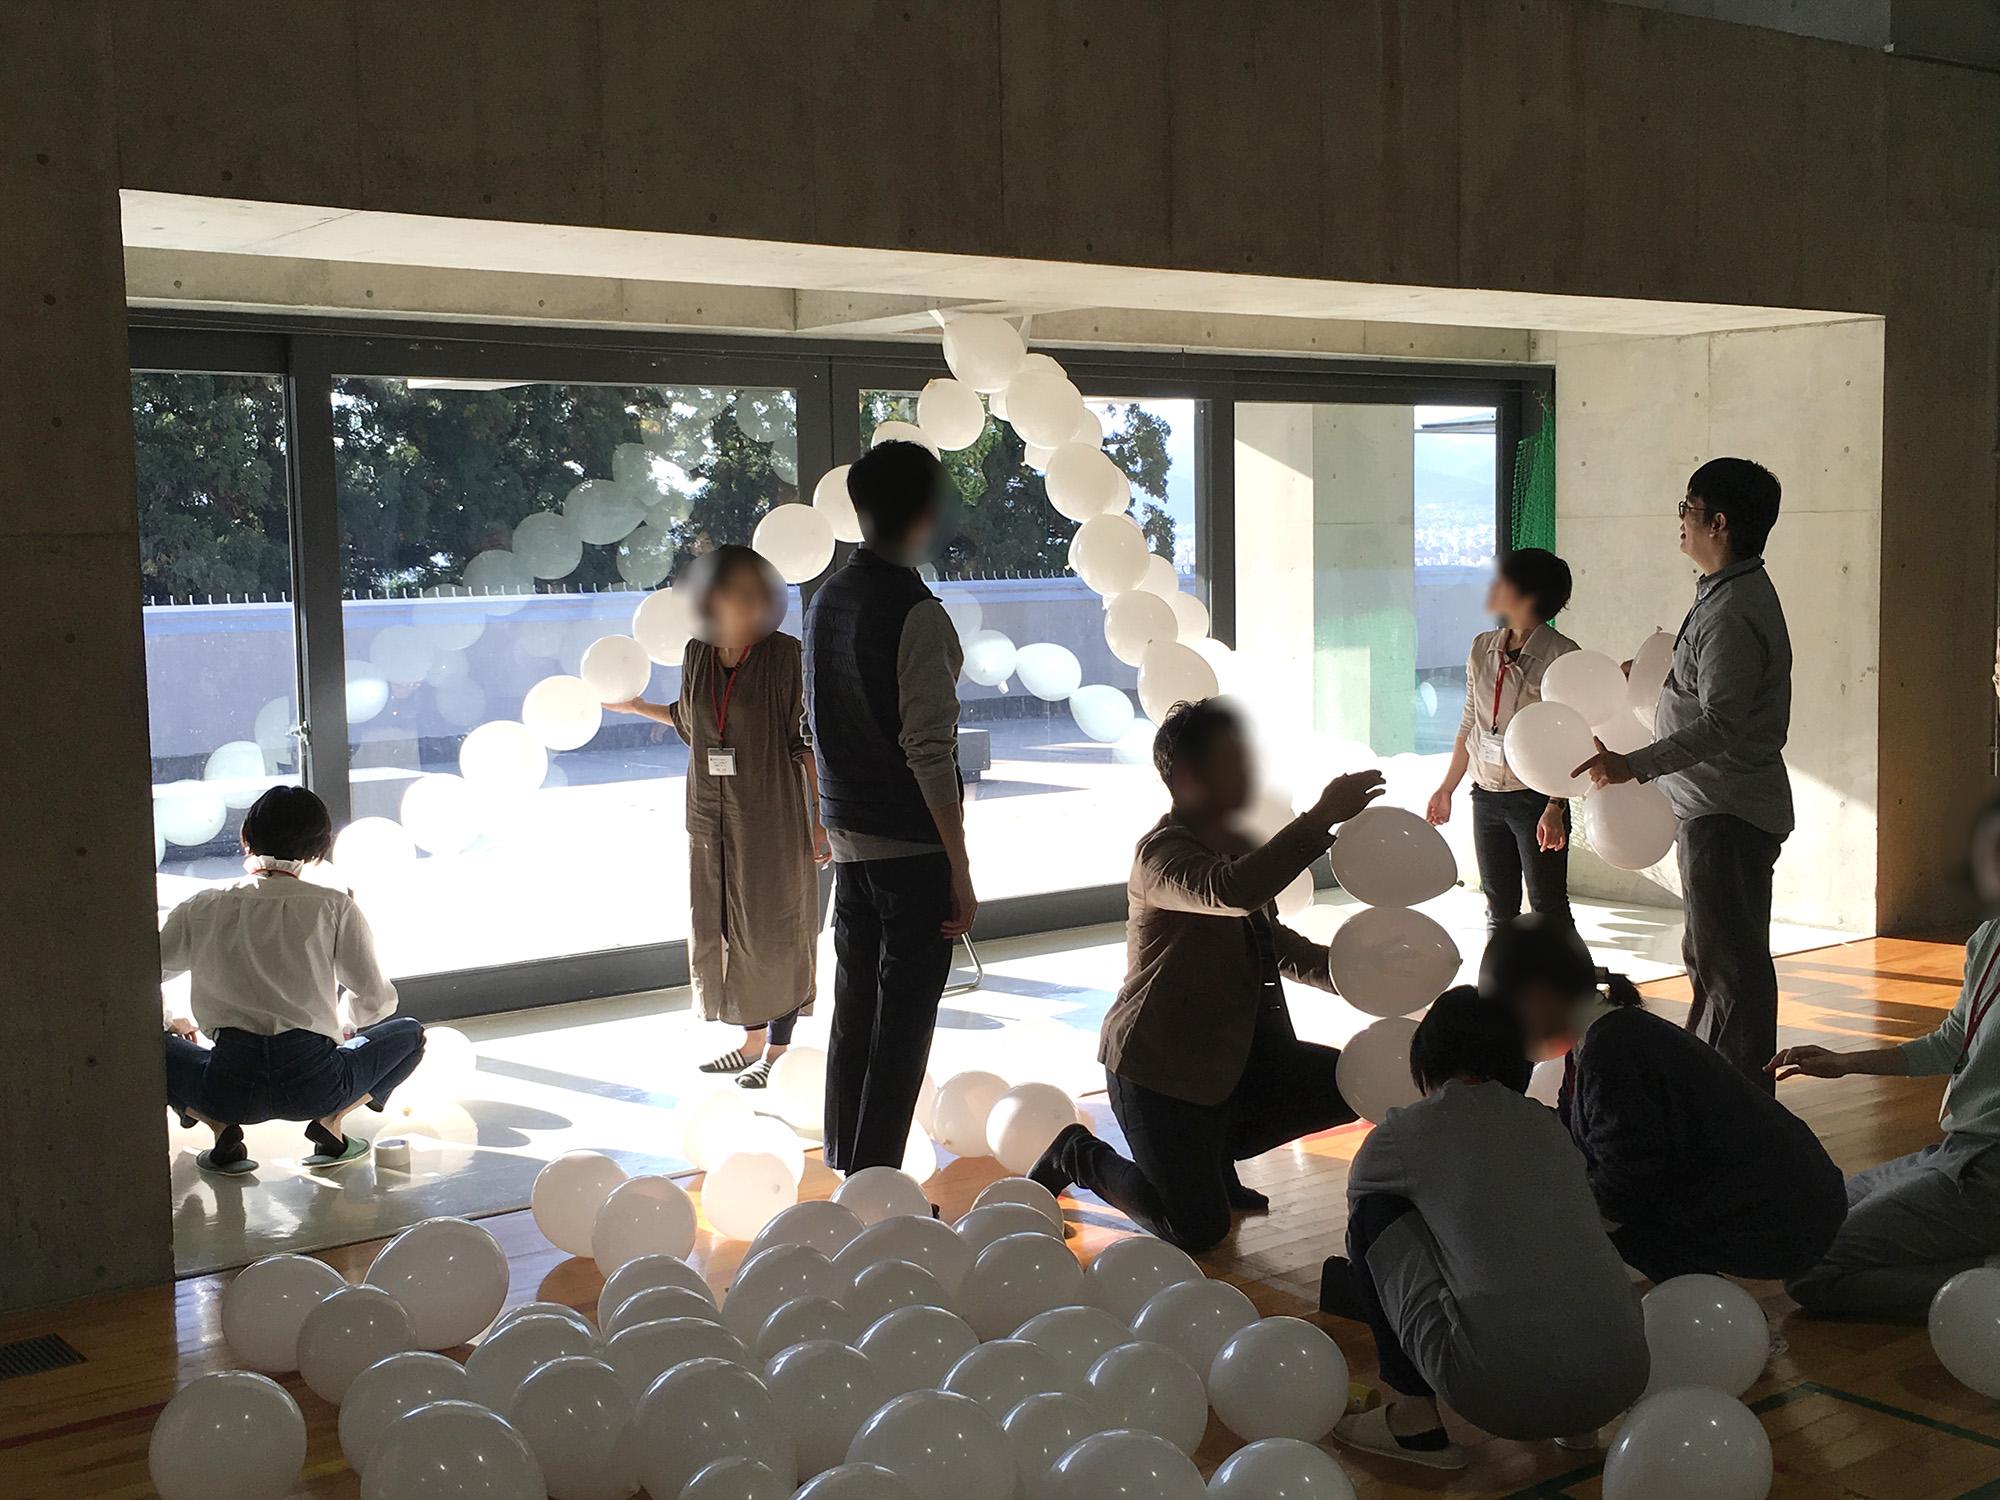 【建築デザインコース】白の白さに驚いた